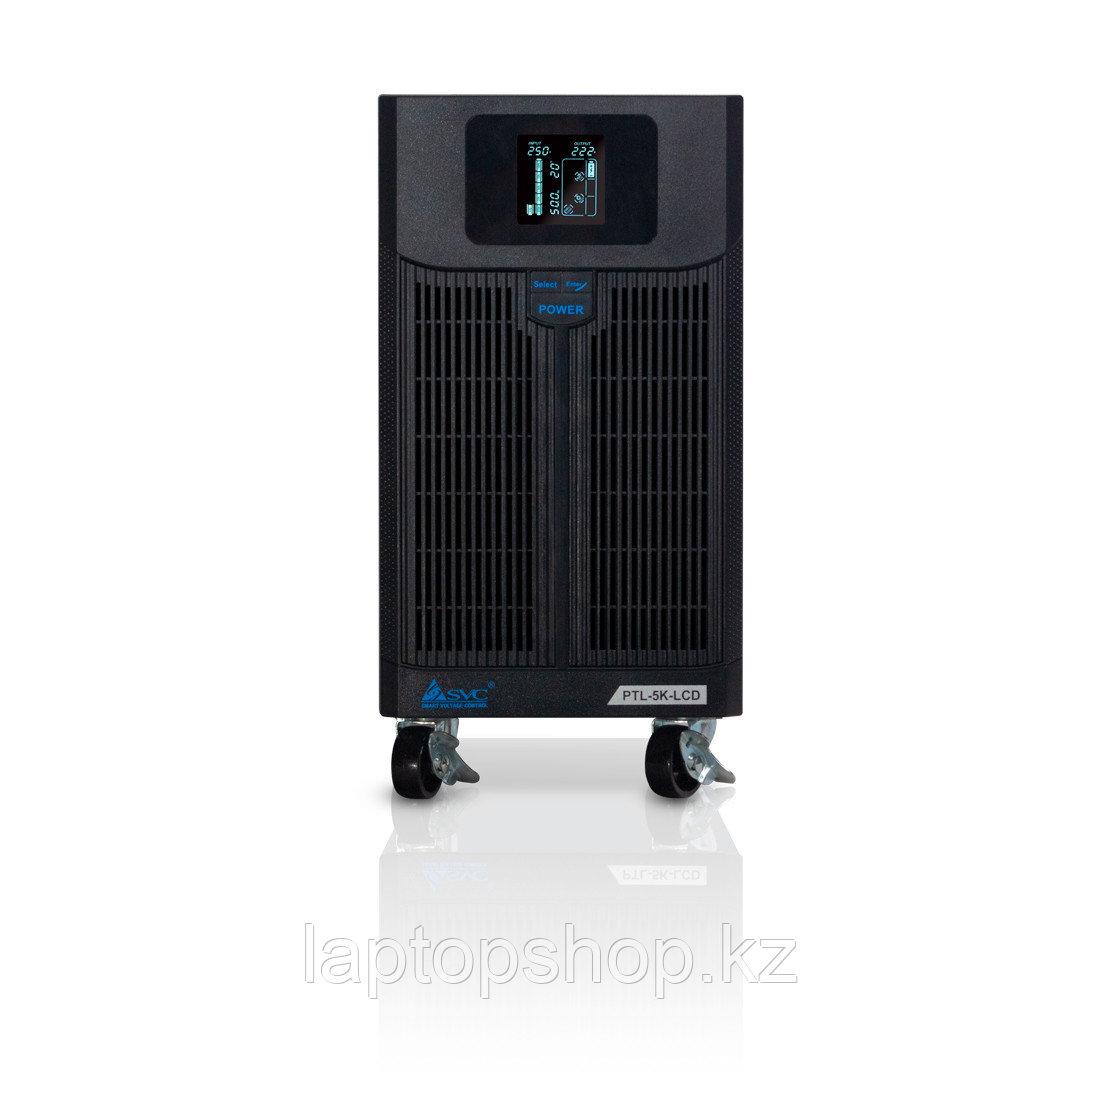 Источник бесперебойного питания SVC PTL-5K-LCD, Мощность 5000ВА/4000Вт